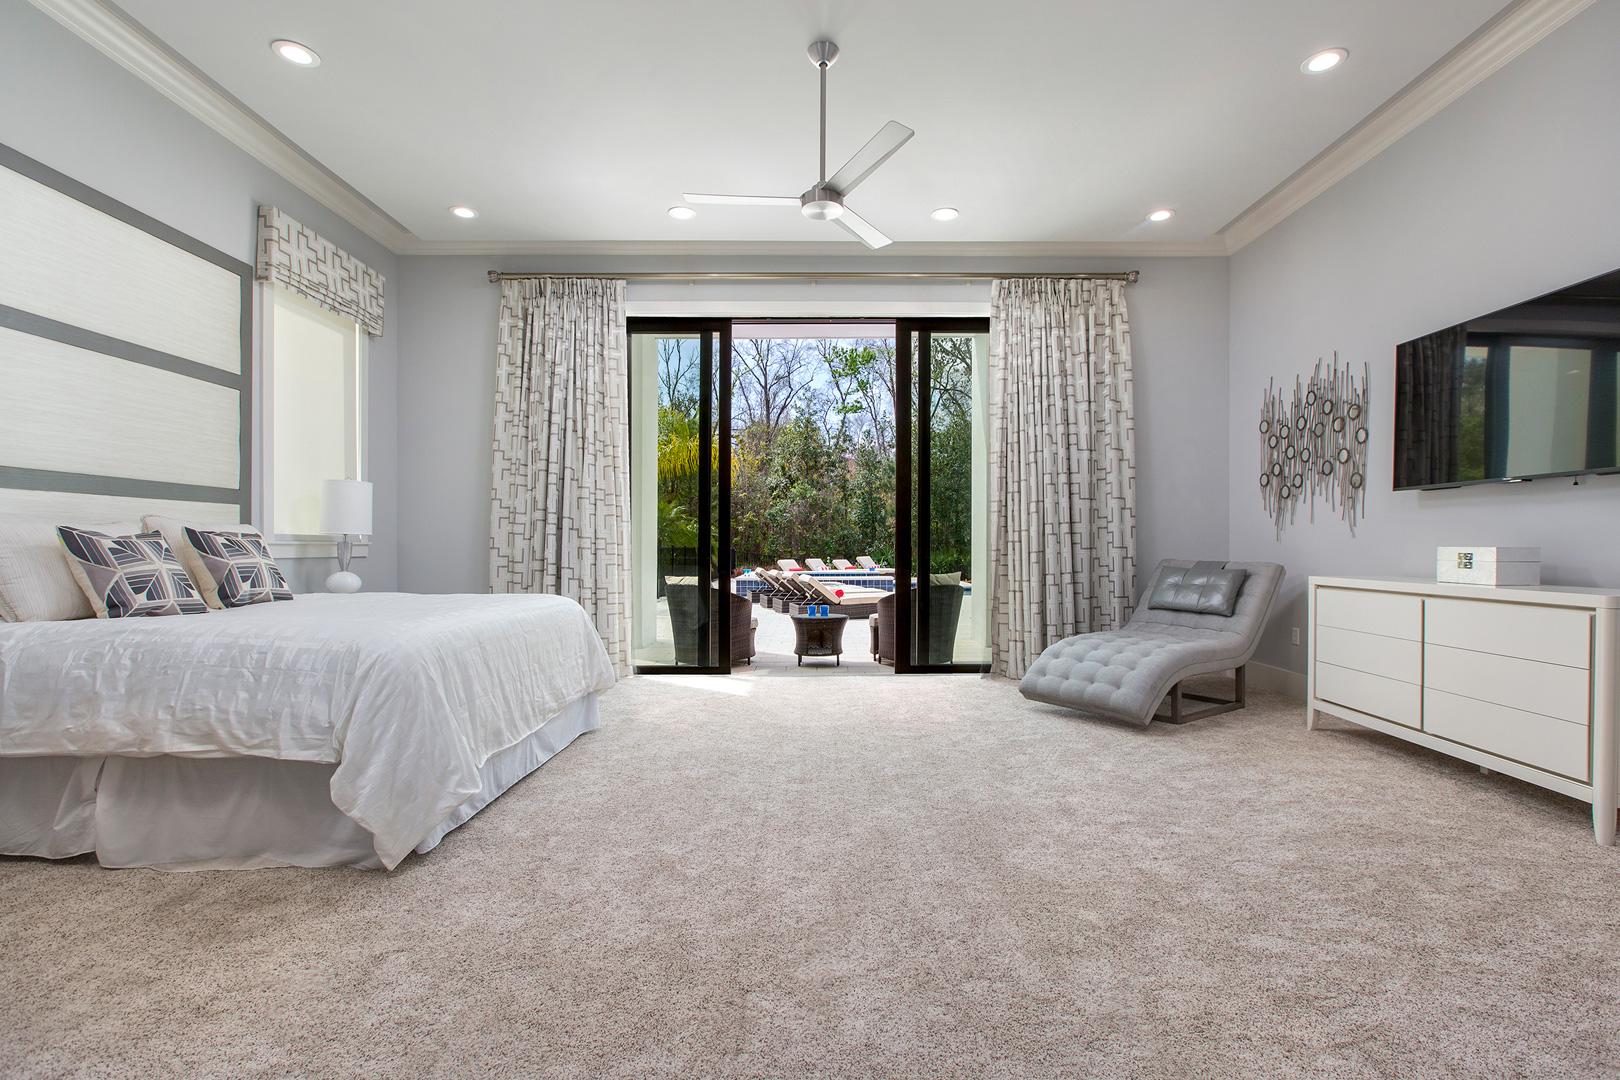 Bedrooms40